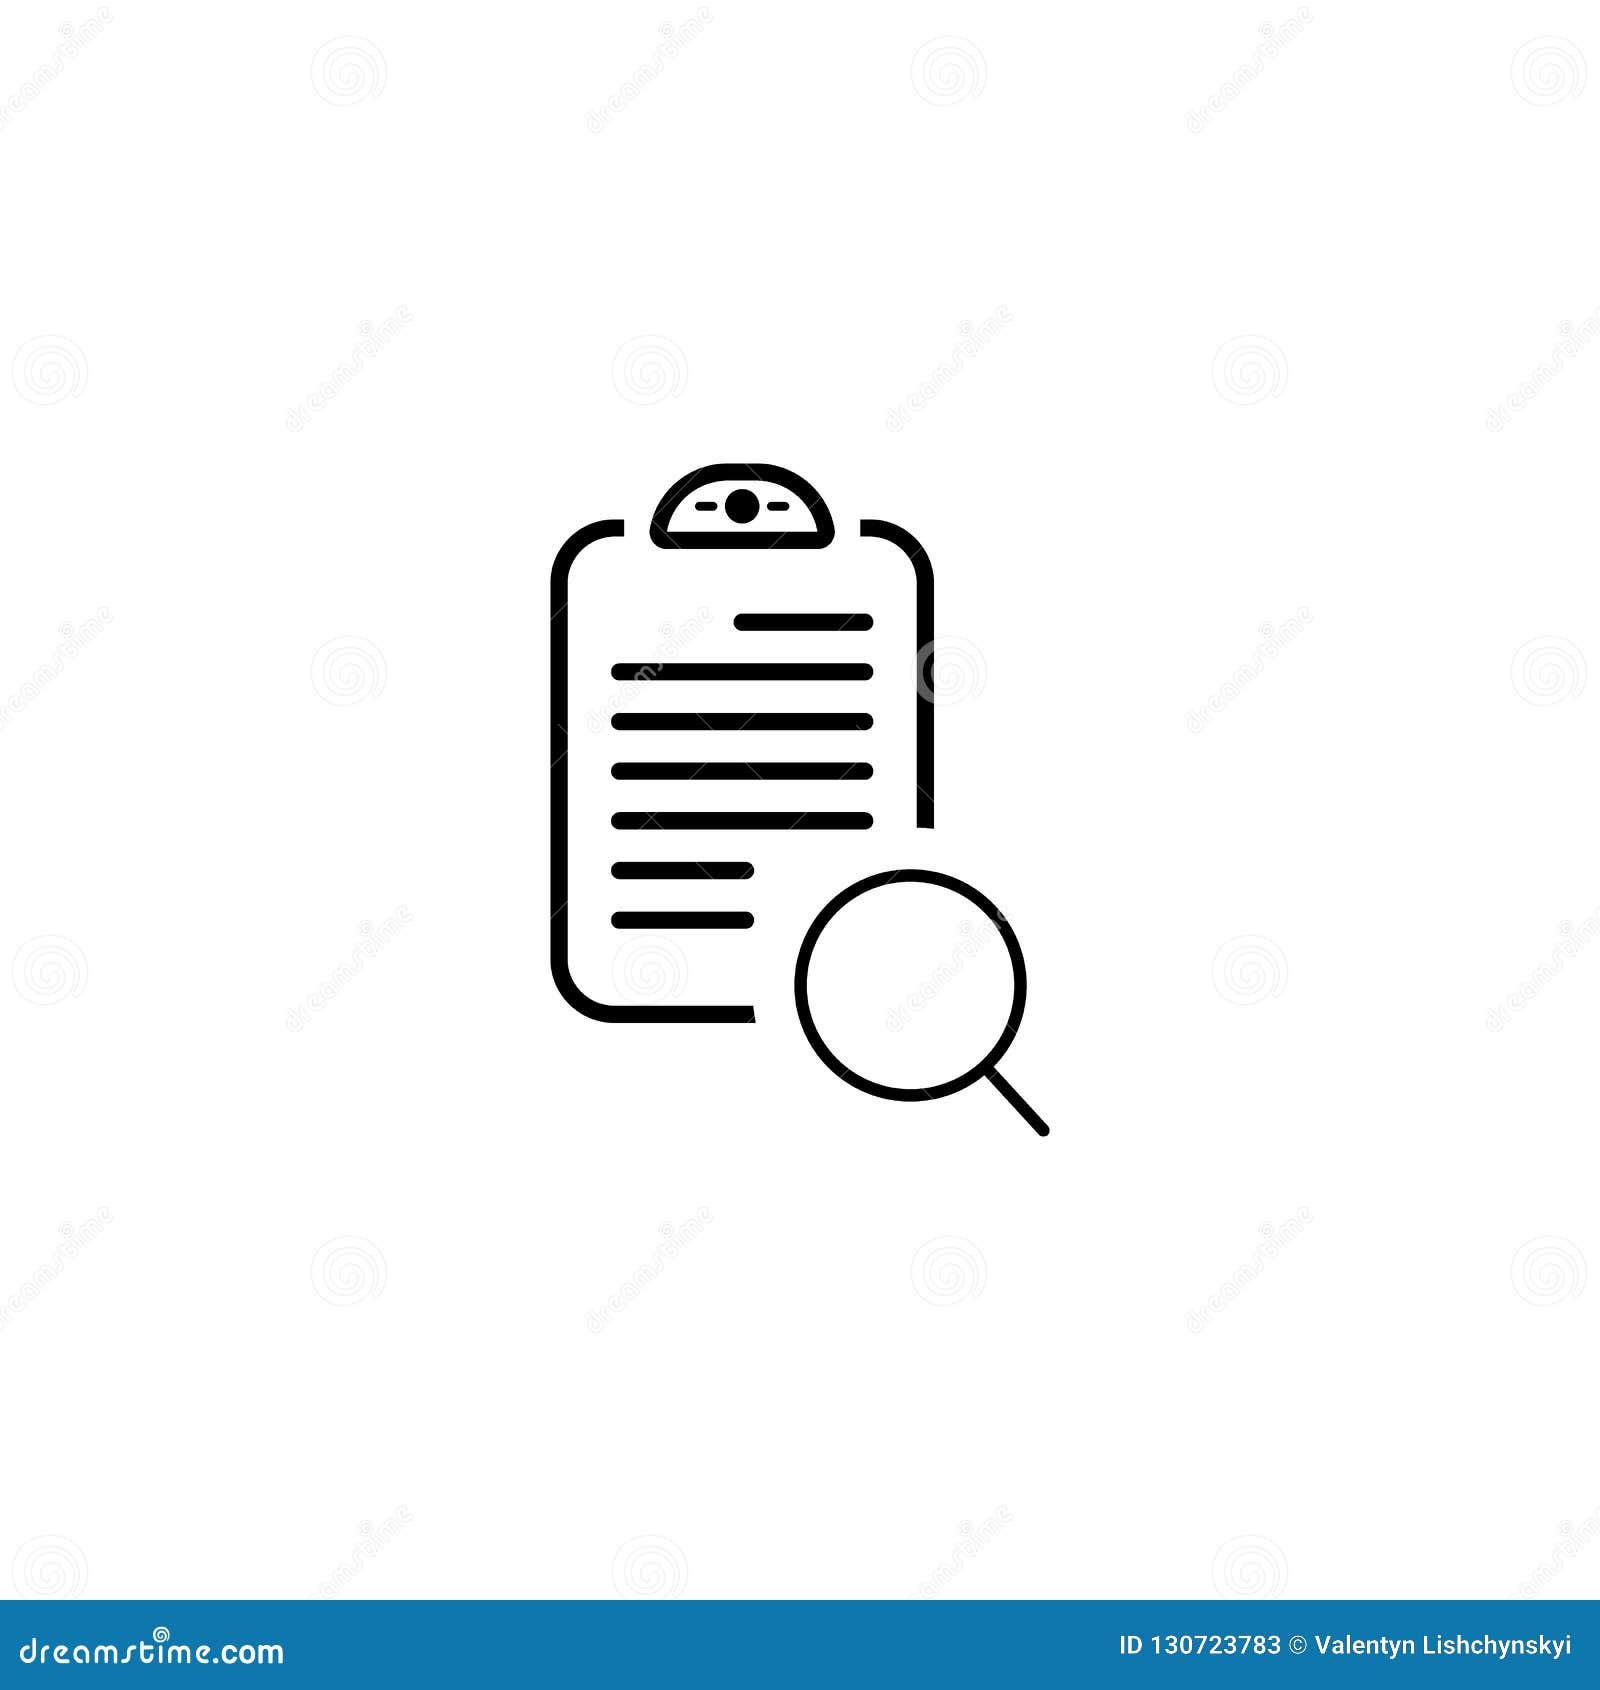 Документ с значком поиска Символ вектора простой